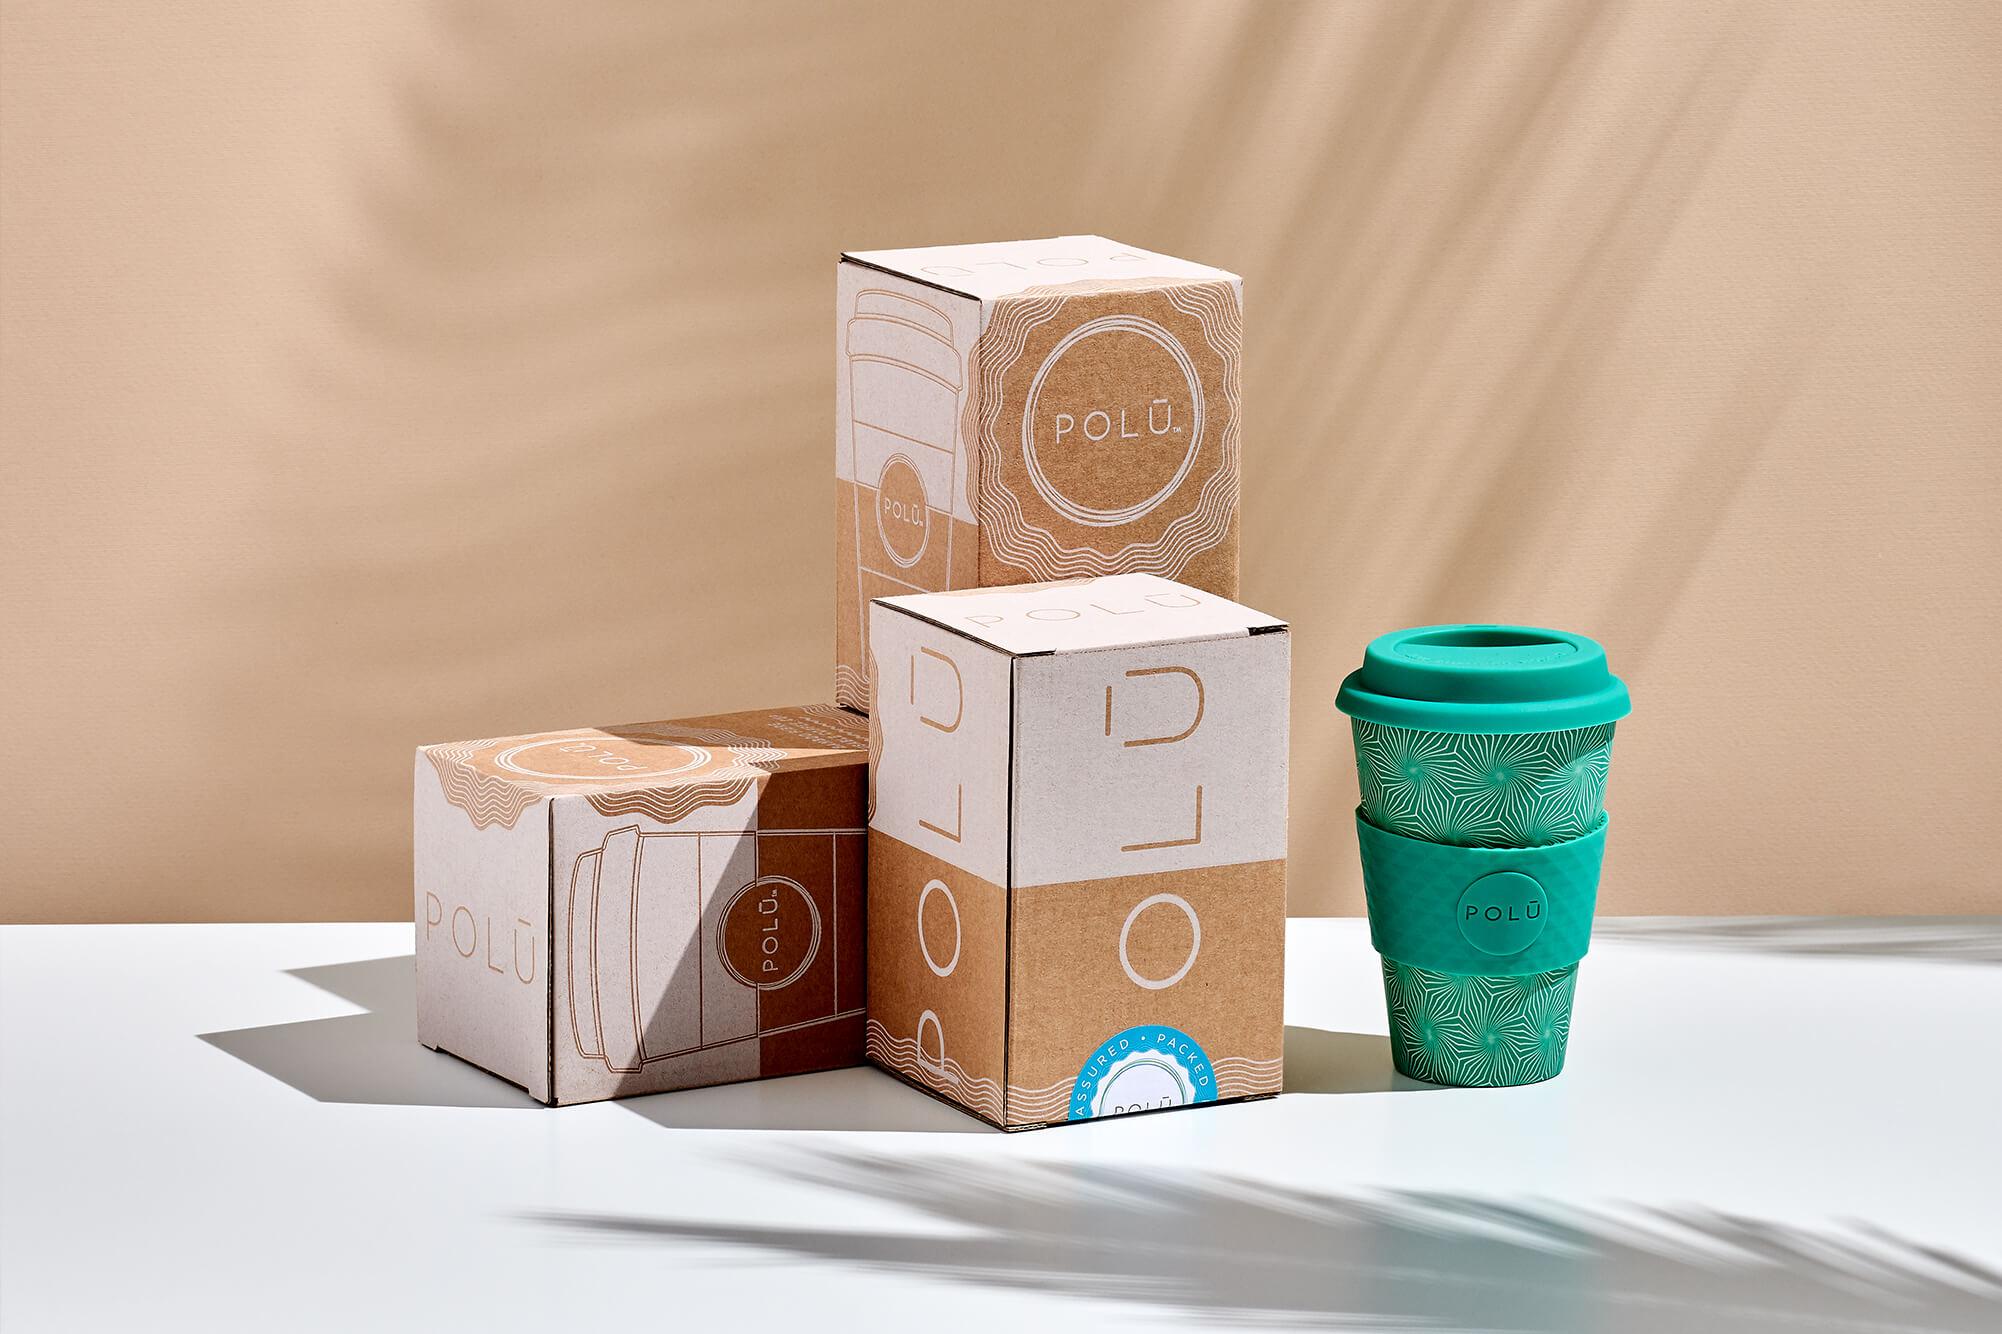 emballage alimentaire écologique